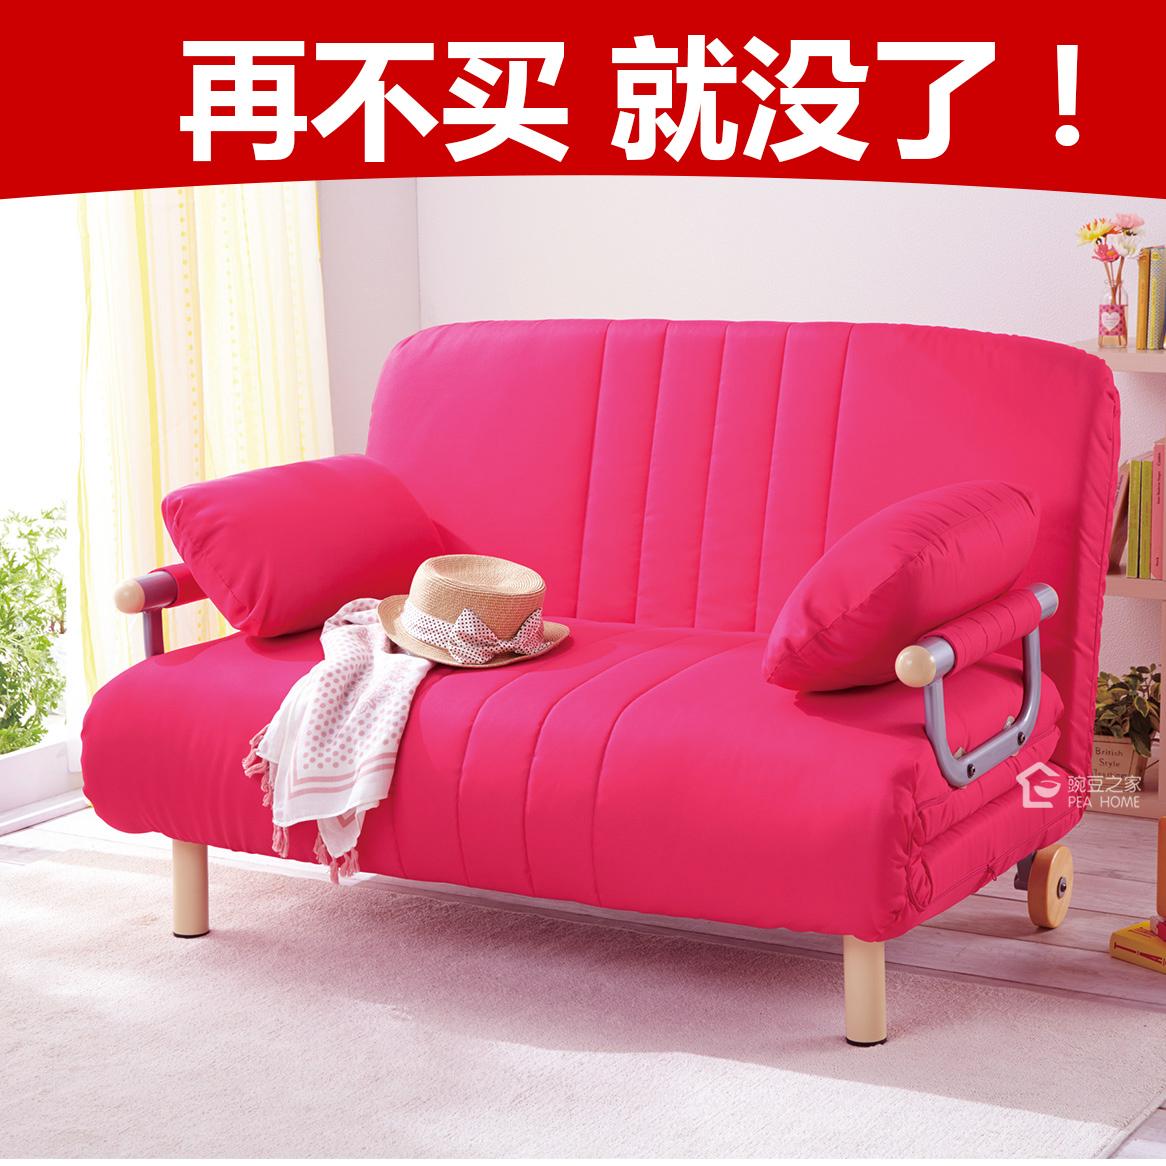 布艺折叠沙发床1.2米1.5